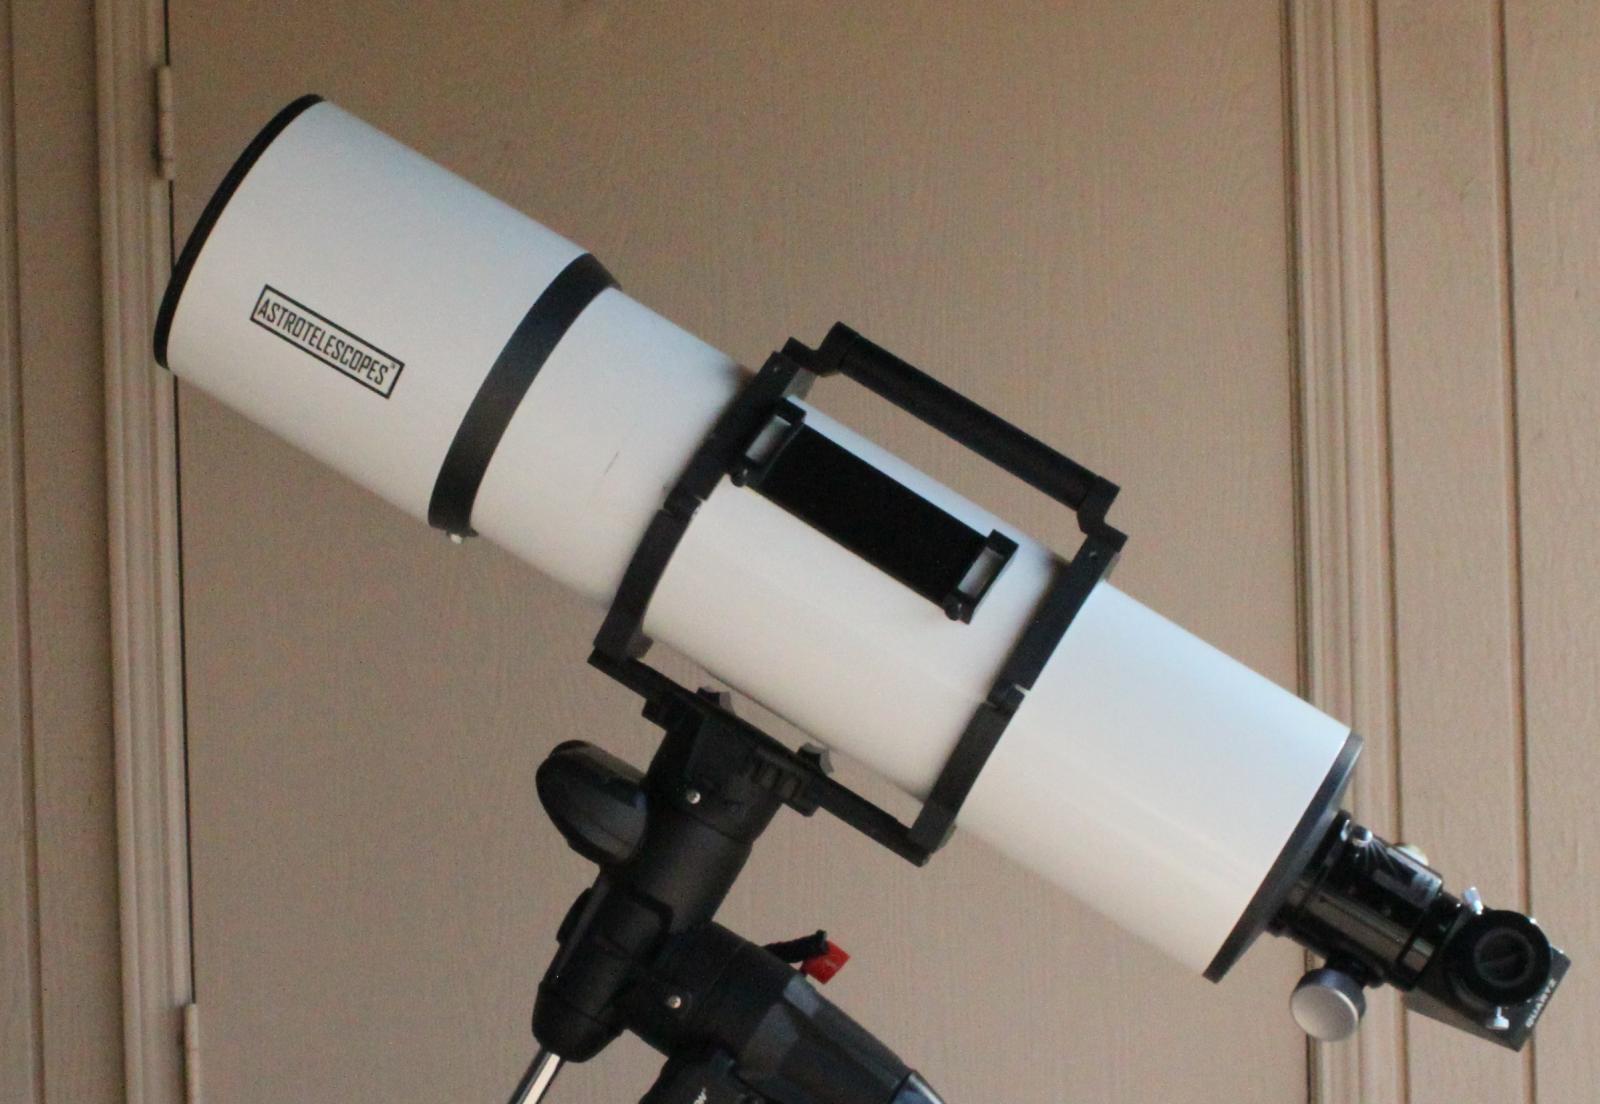 Astro telescope price in india